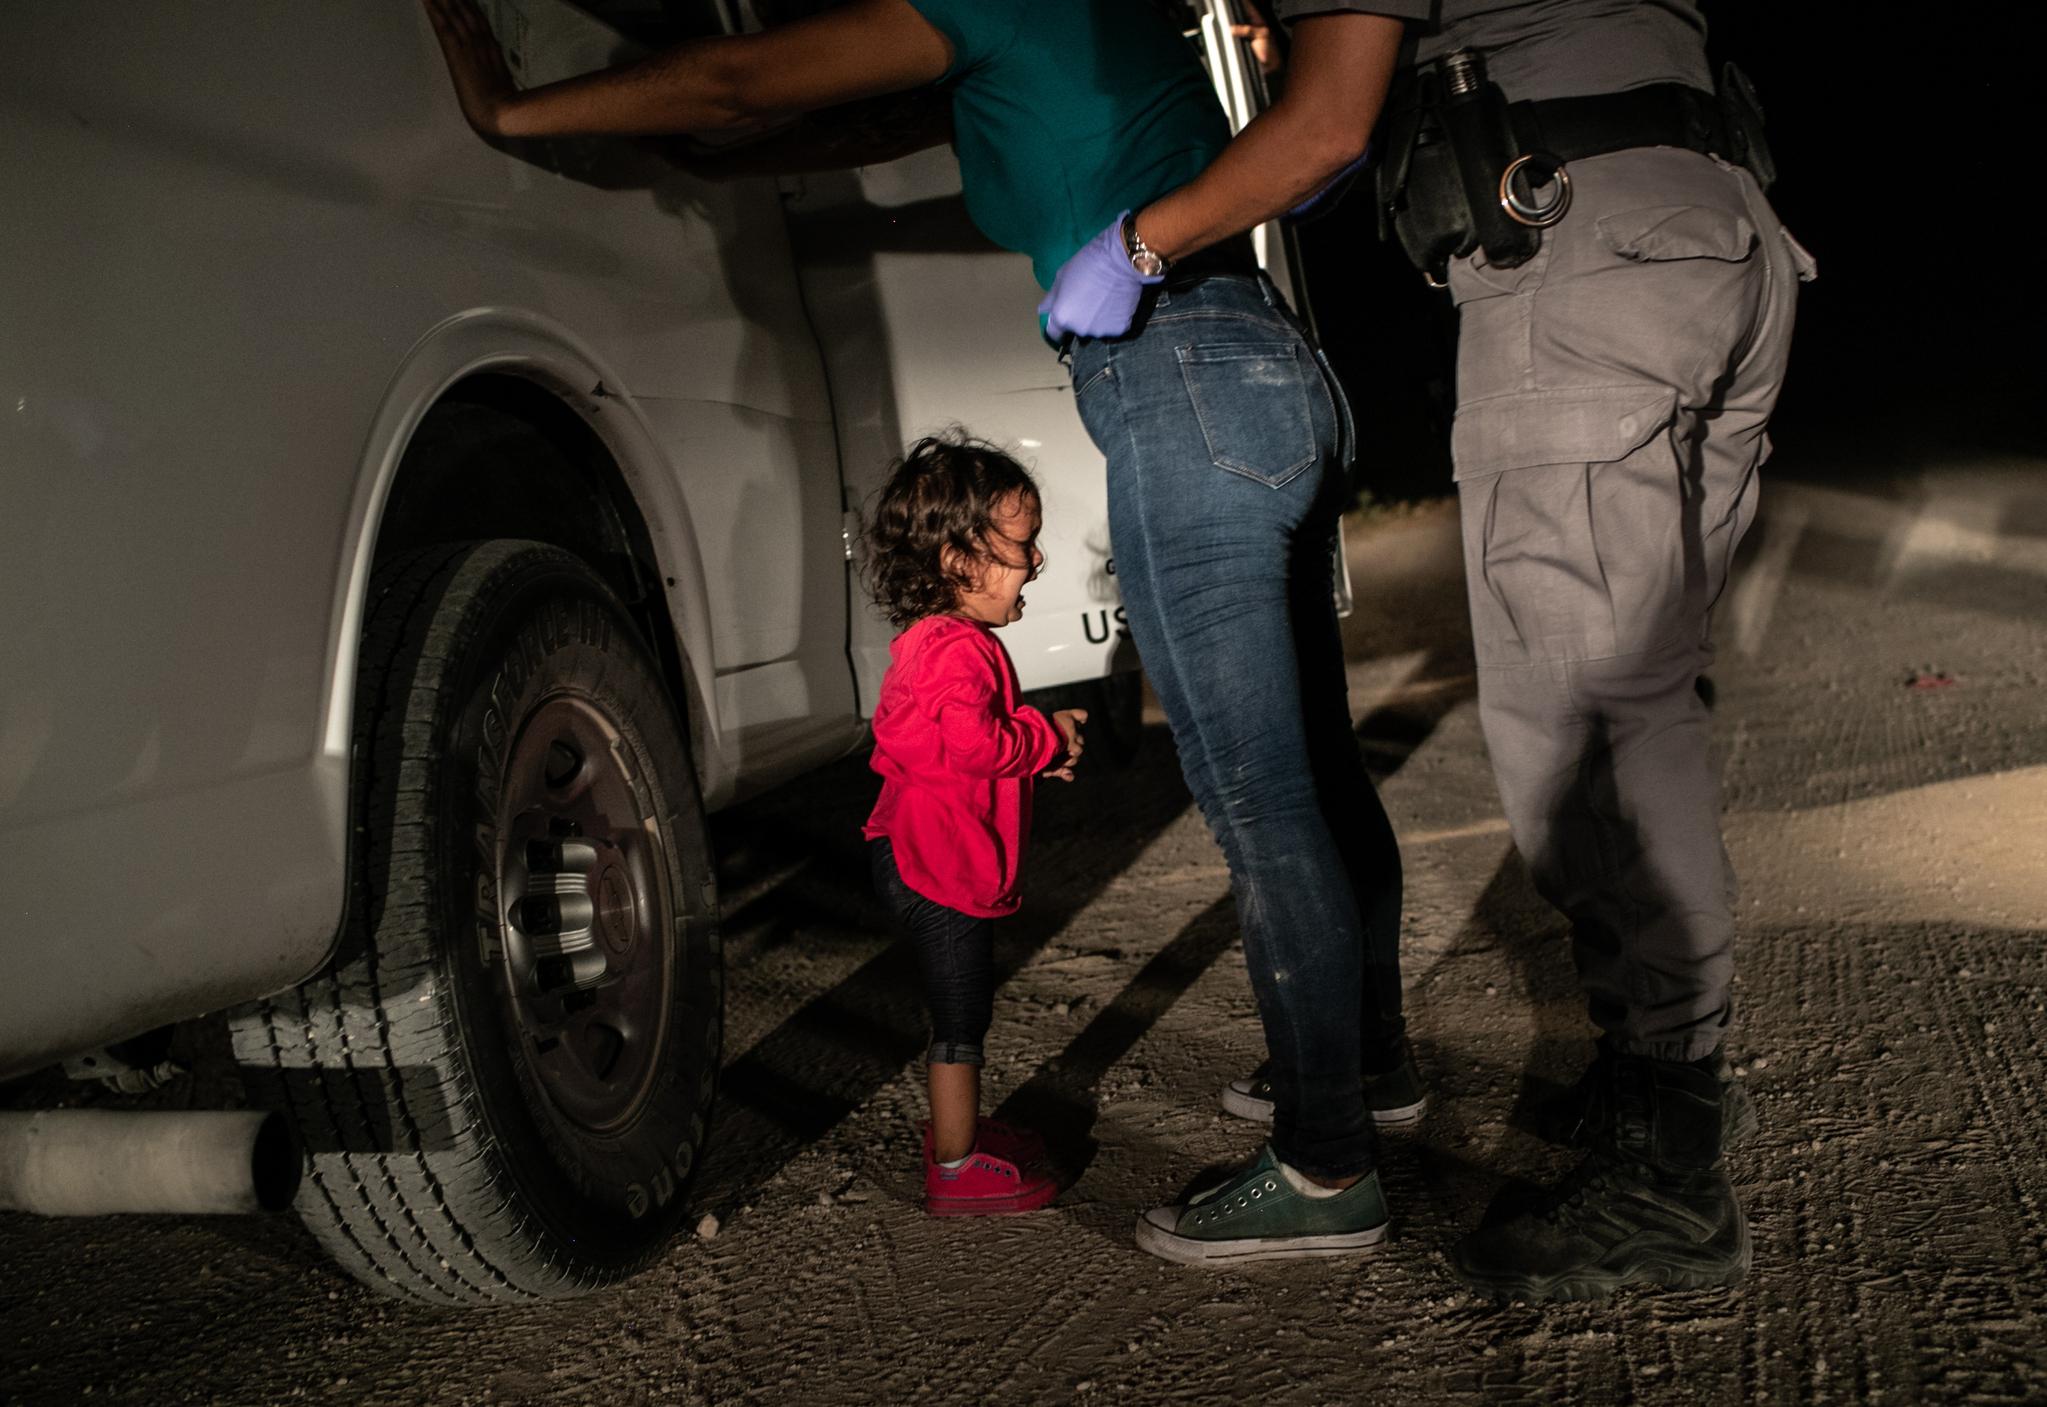 작년 6월 12일 미국 국경으로 불법 입국하다 체포된 엄마 무릎 아래서 2살짜리 온두라스 난민 여자아이가 울고 있다. 게티이미지 존 무어가 찍은 이 사진이 올해의 대상과 스팟뉴스상을 함께 받았다.[EPA=연합뉴스]